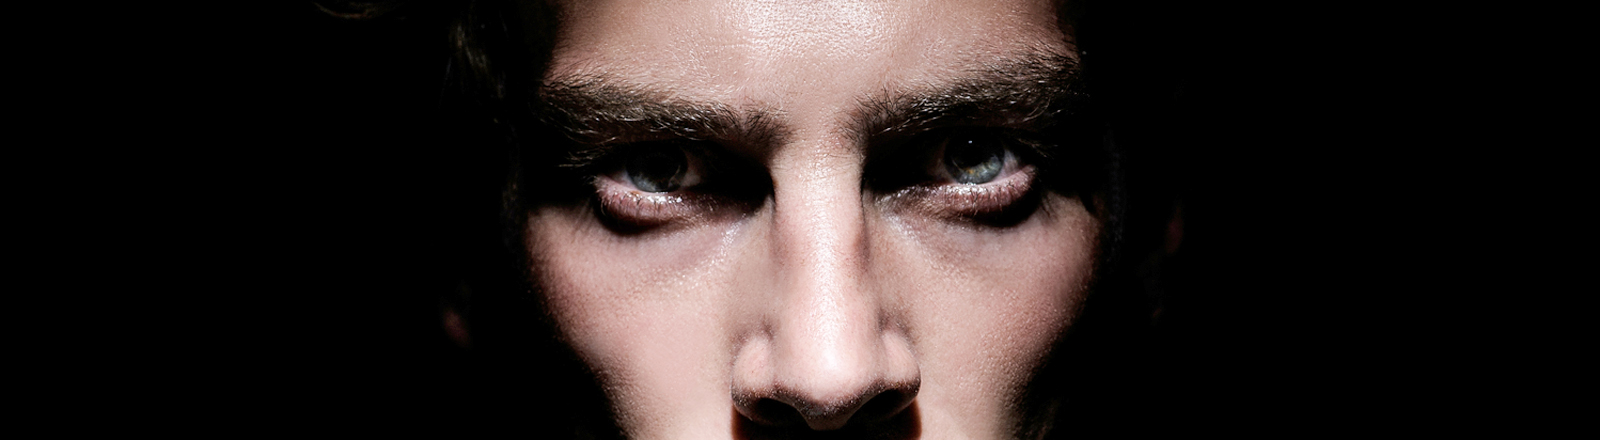 Ein Mann im Schatten schaut grimmig